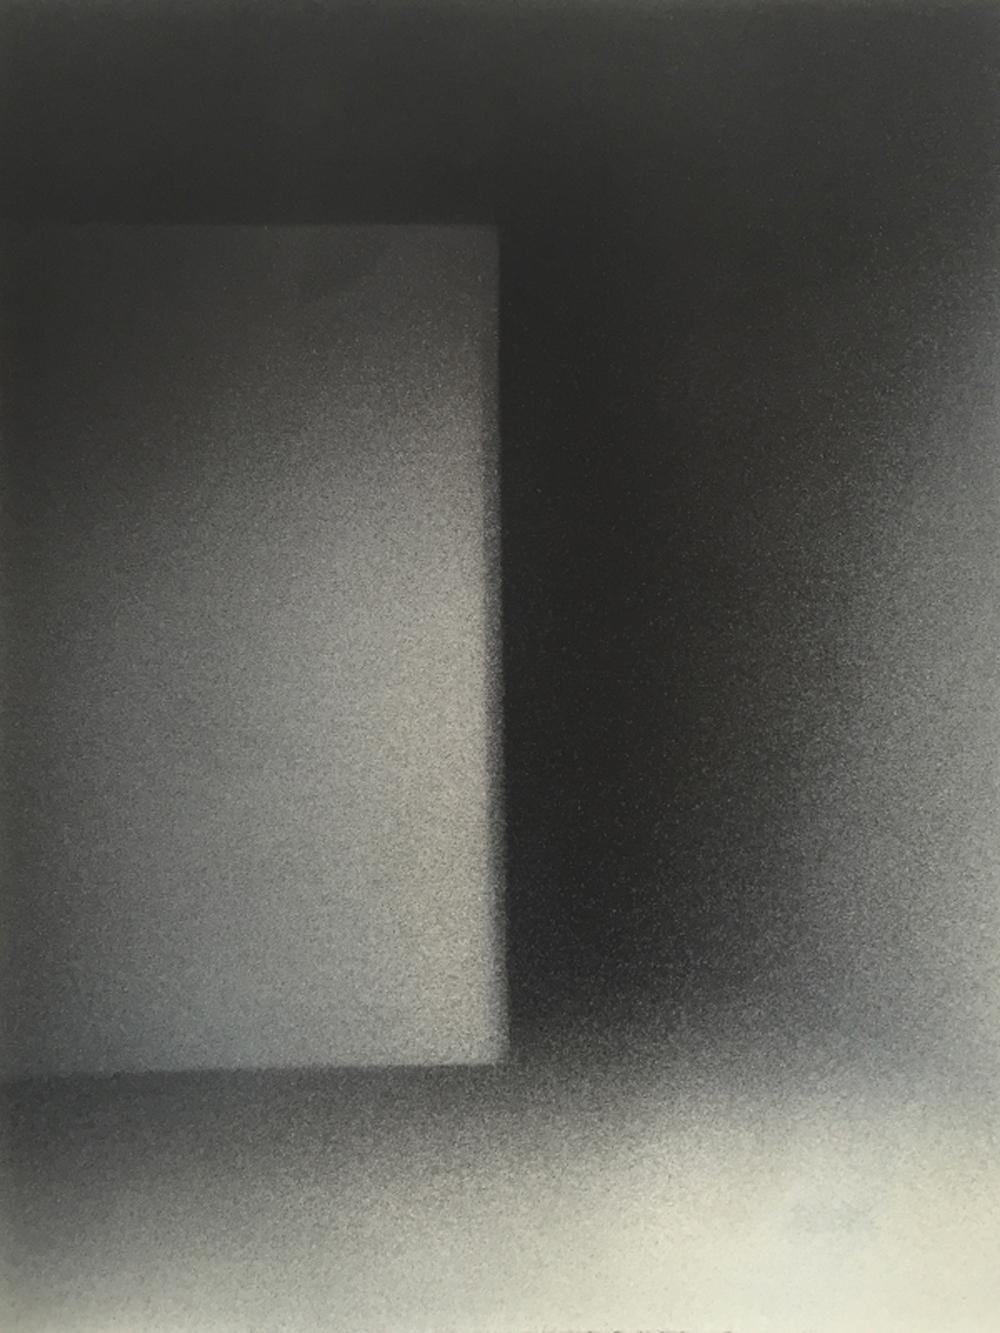 Senza titolo, 2016, tempera e inchiostro su carta montata su tela, cm 50x38,9